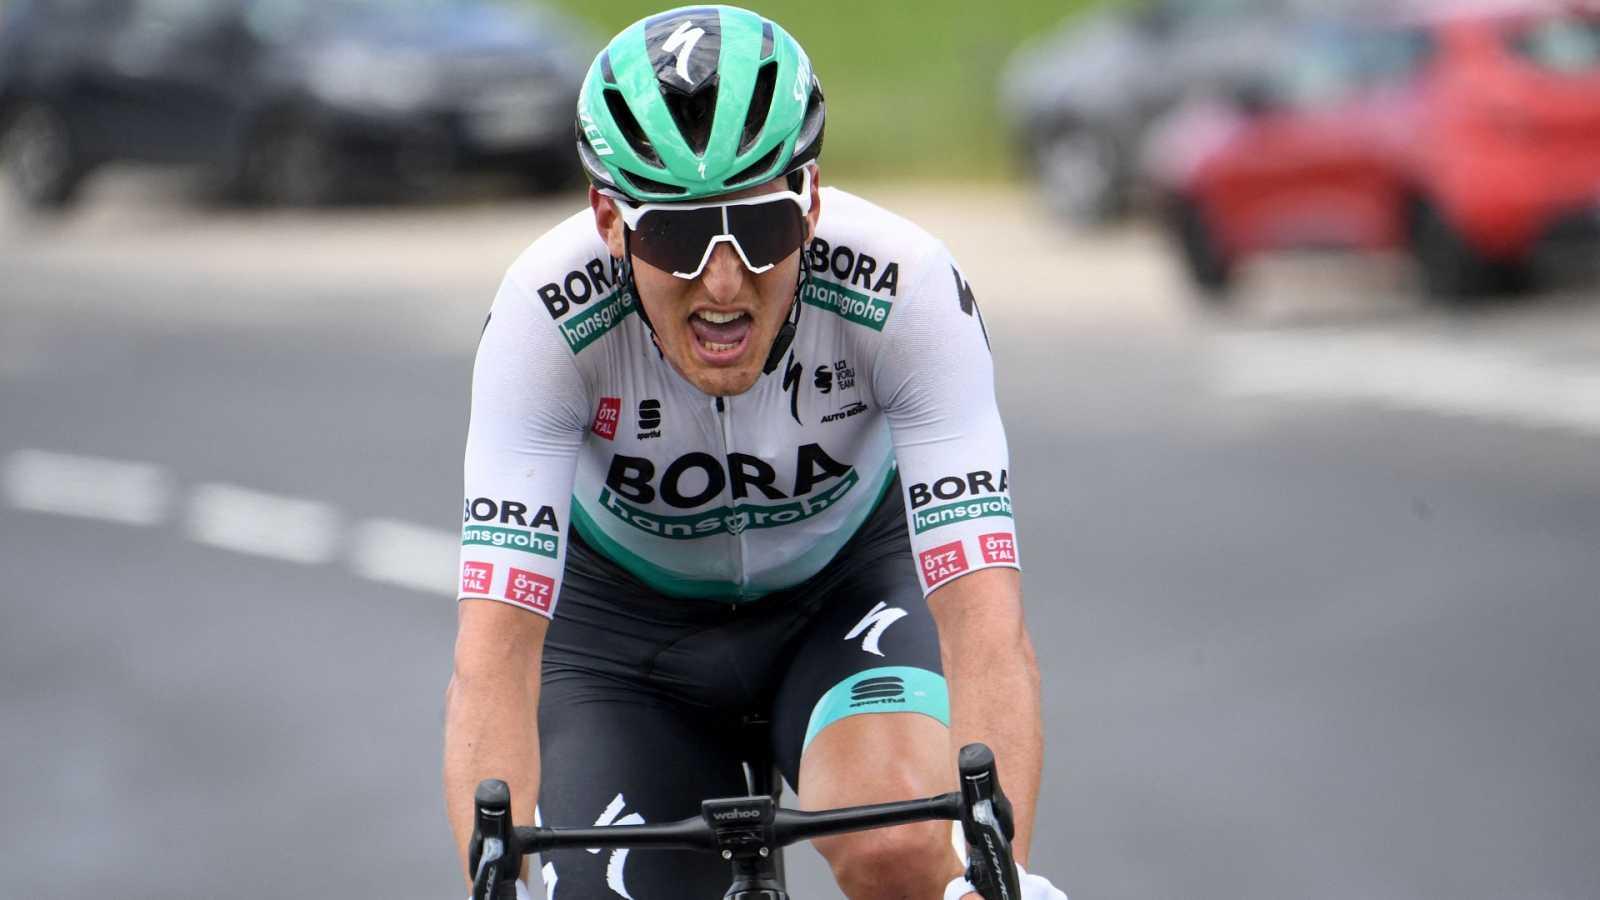 Así fue la victoria de Postlberger en la segunda etapa de la Dauphiné